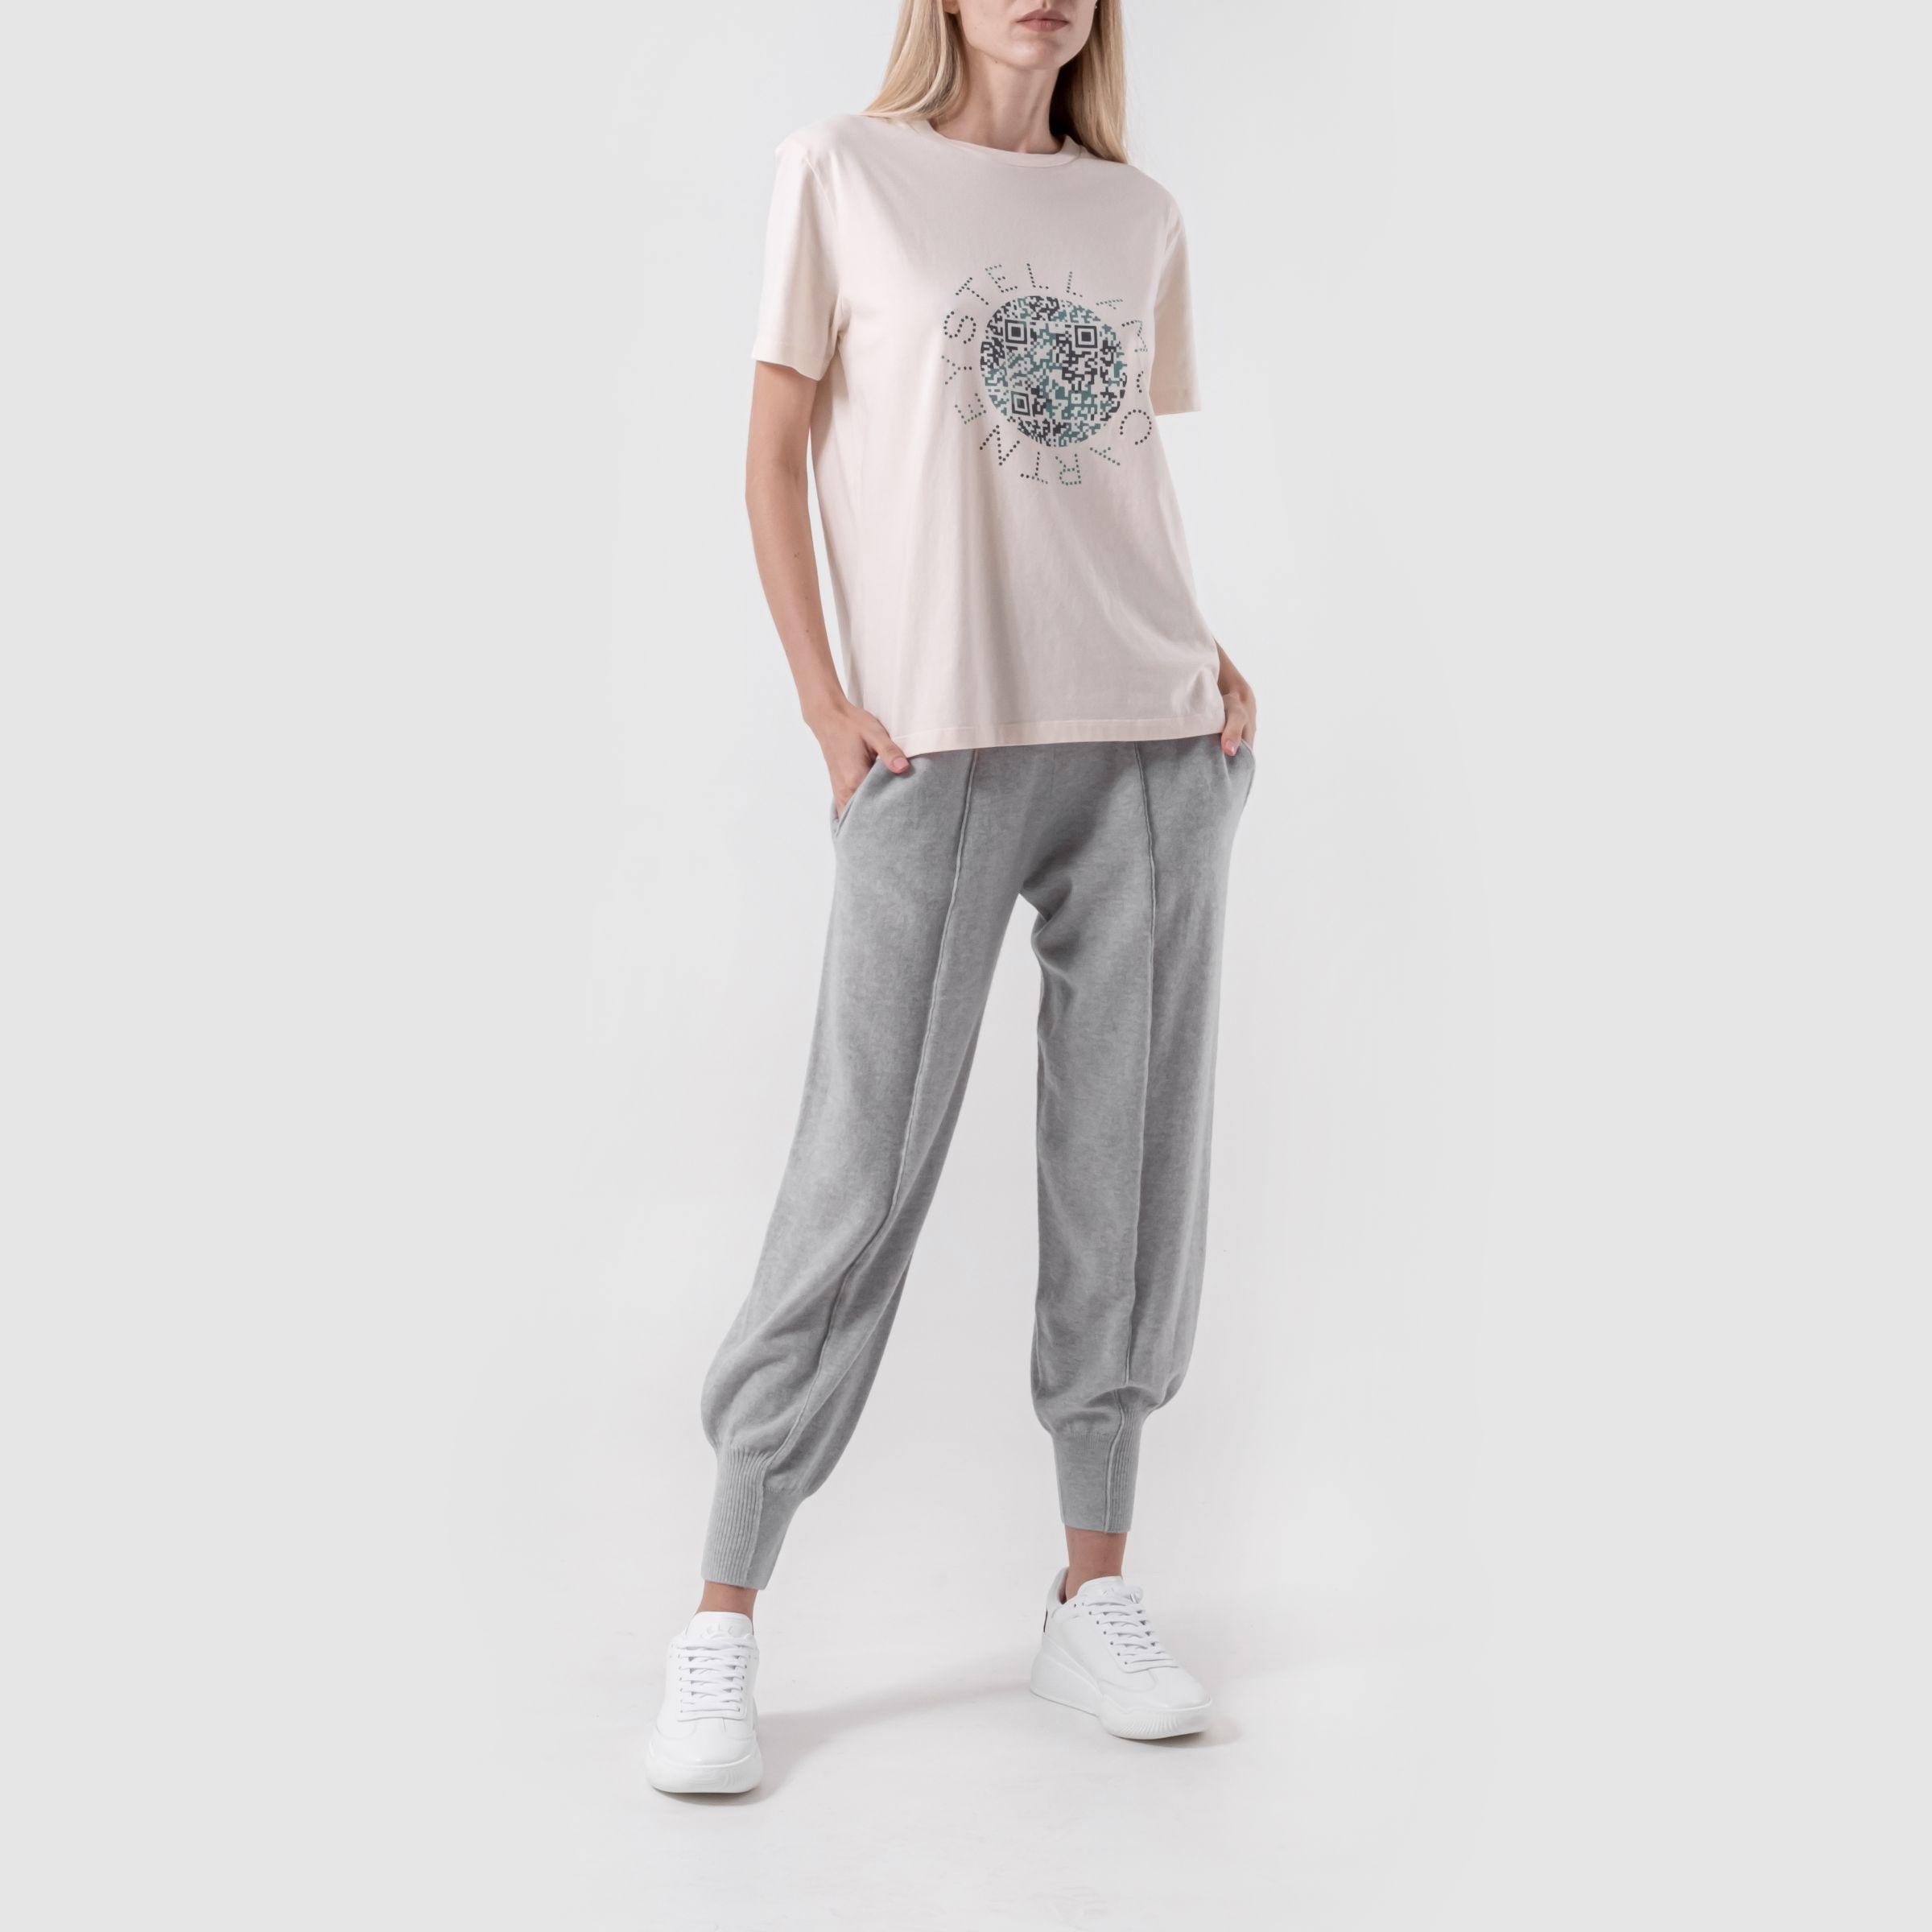 Спортивные брюки Stella McCartney серые